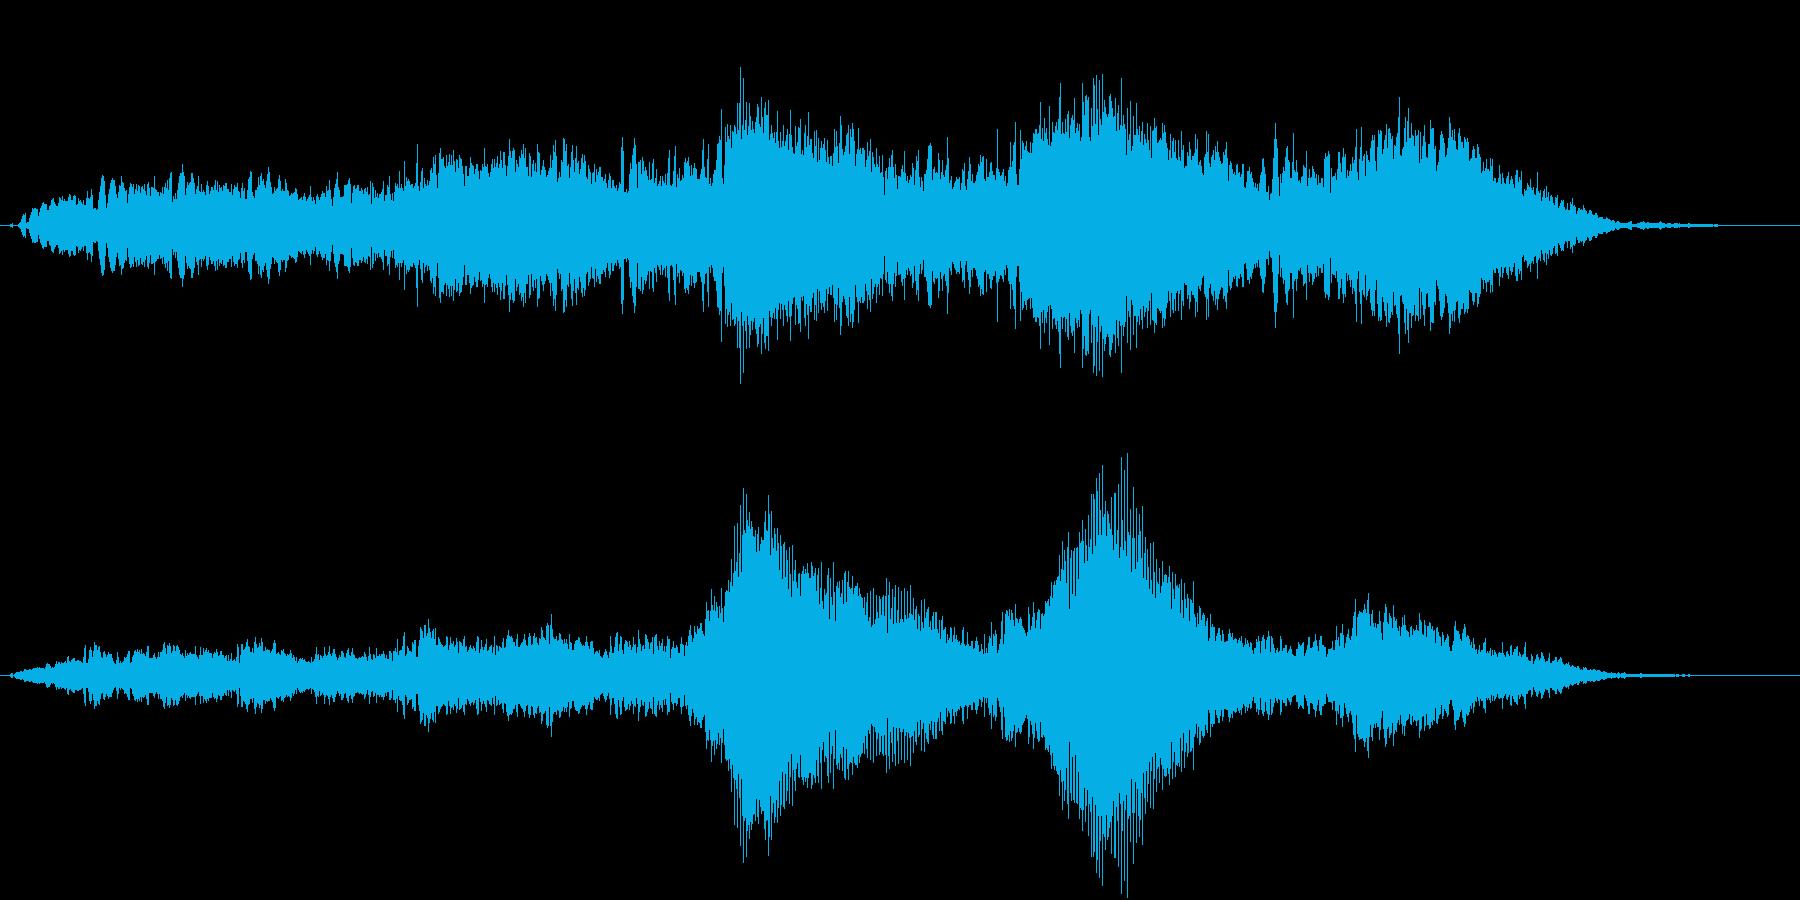 なんかやだな〜…怖いな〜… なホラーSEの再生済みの波形